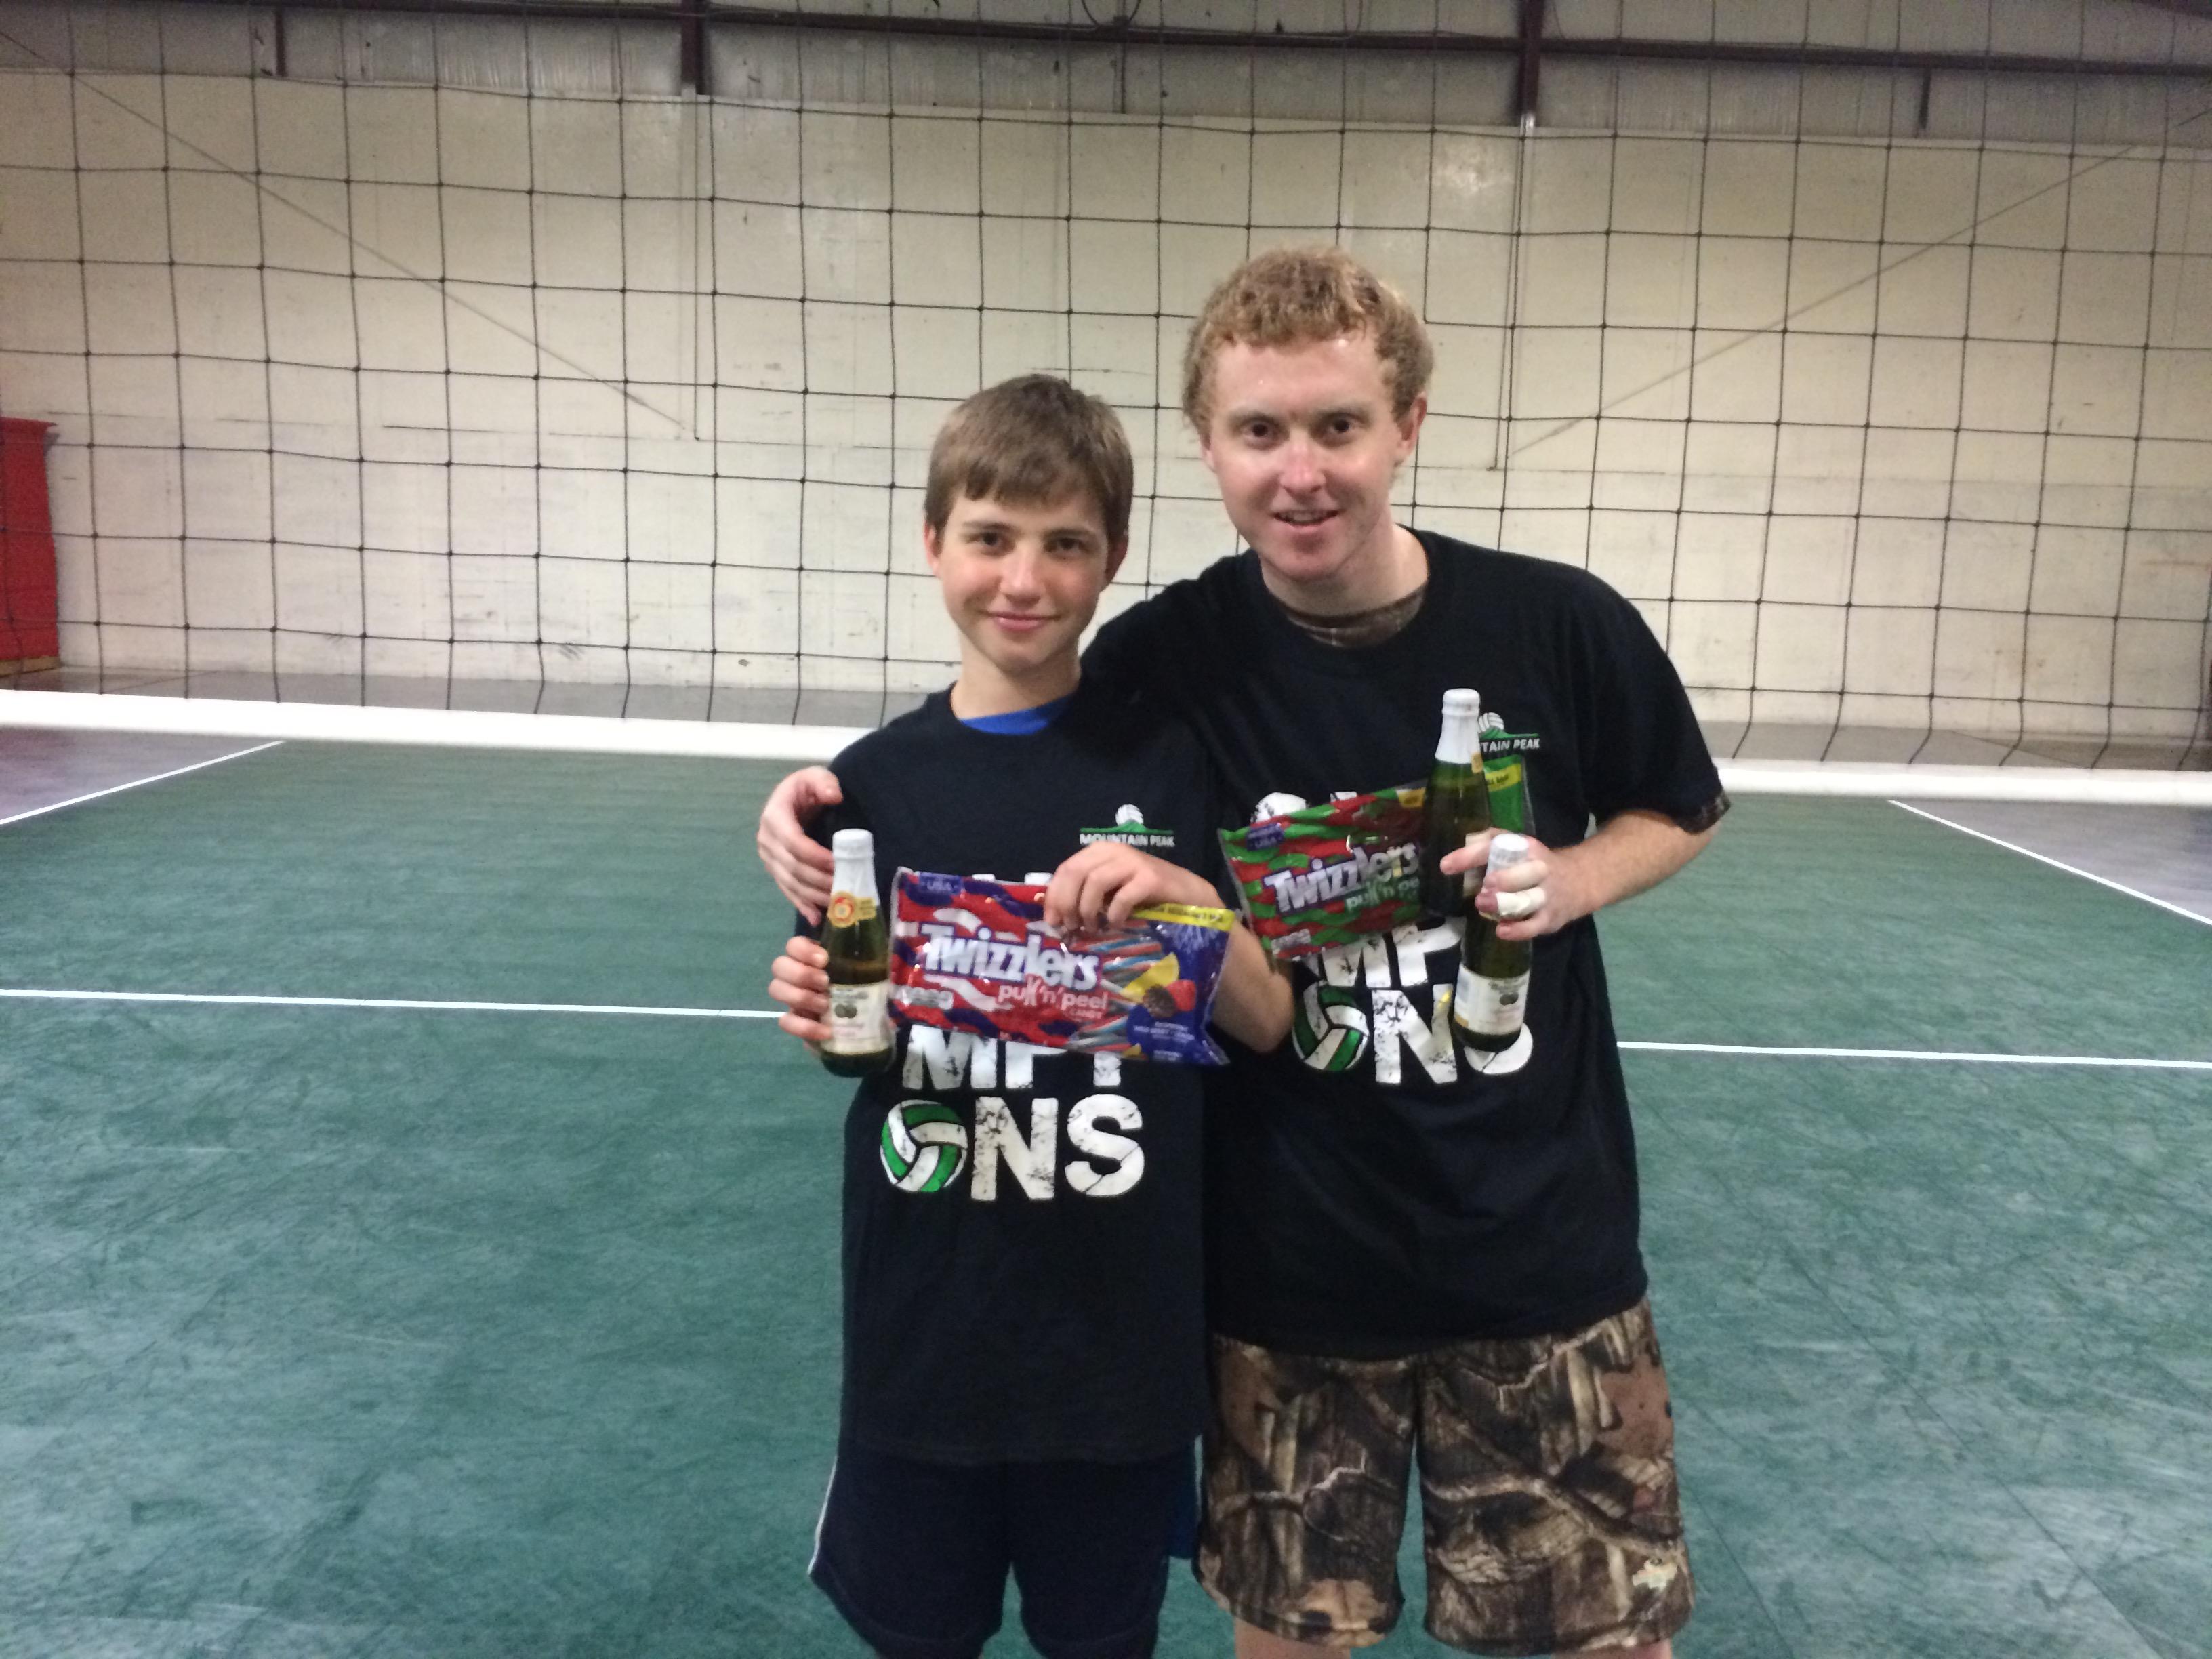 Nathan & Ethan